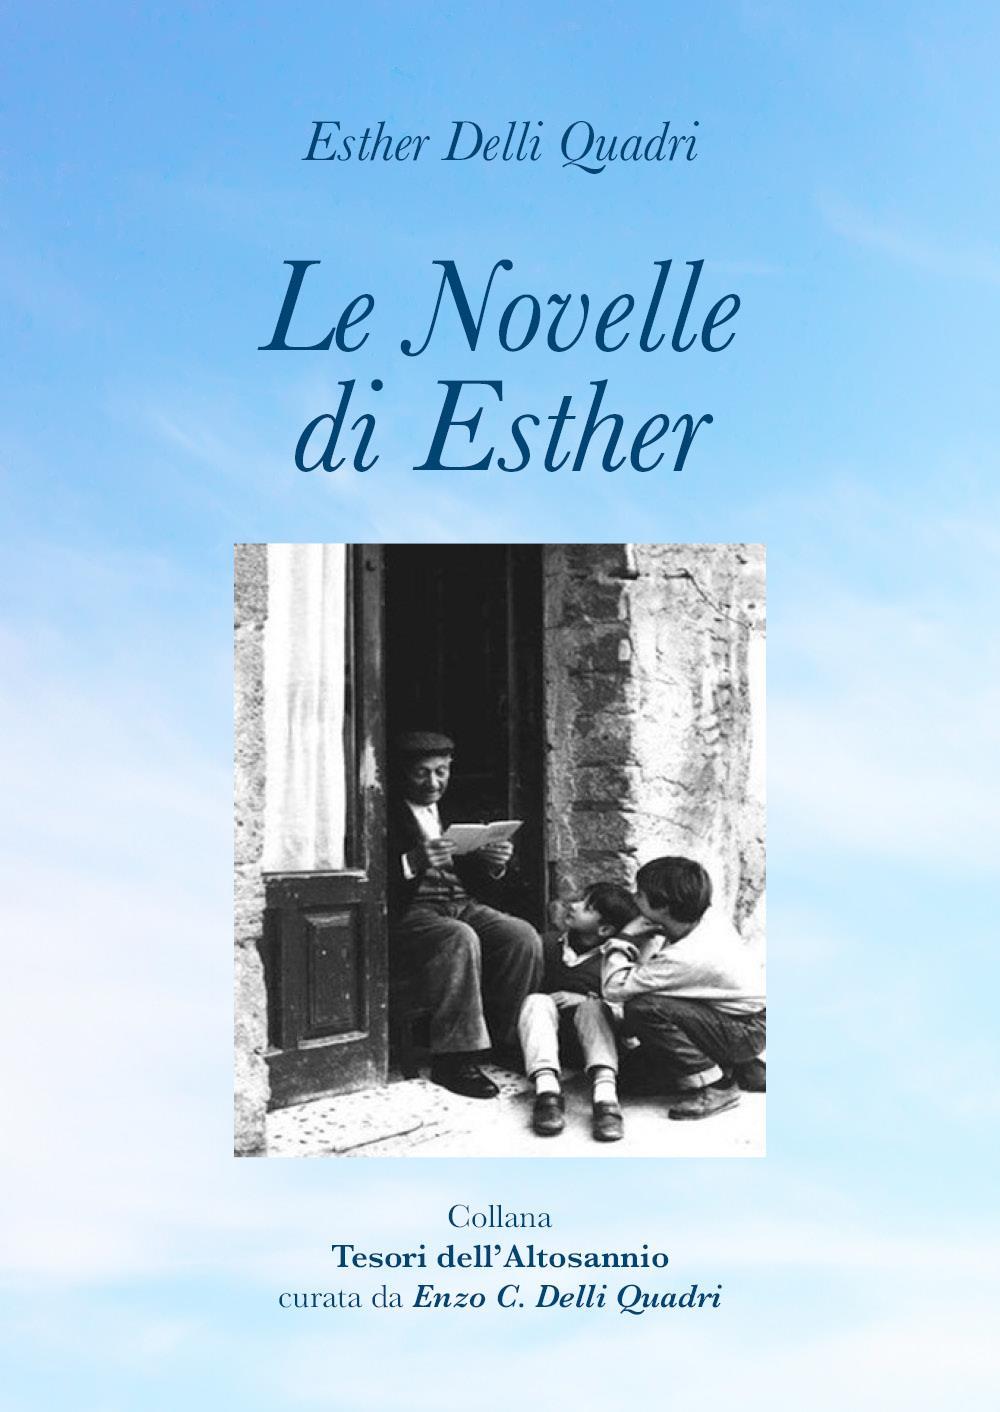 Le Novelle di Esther